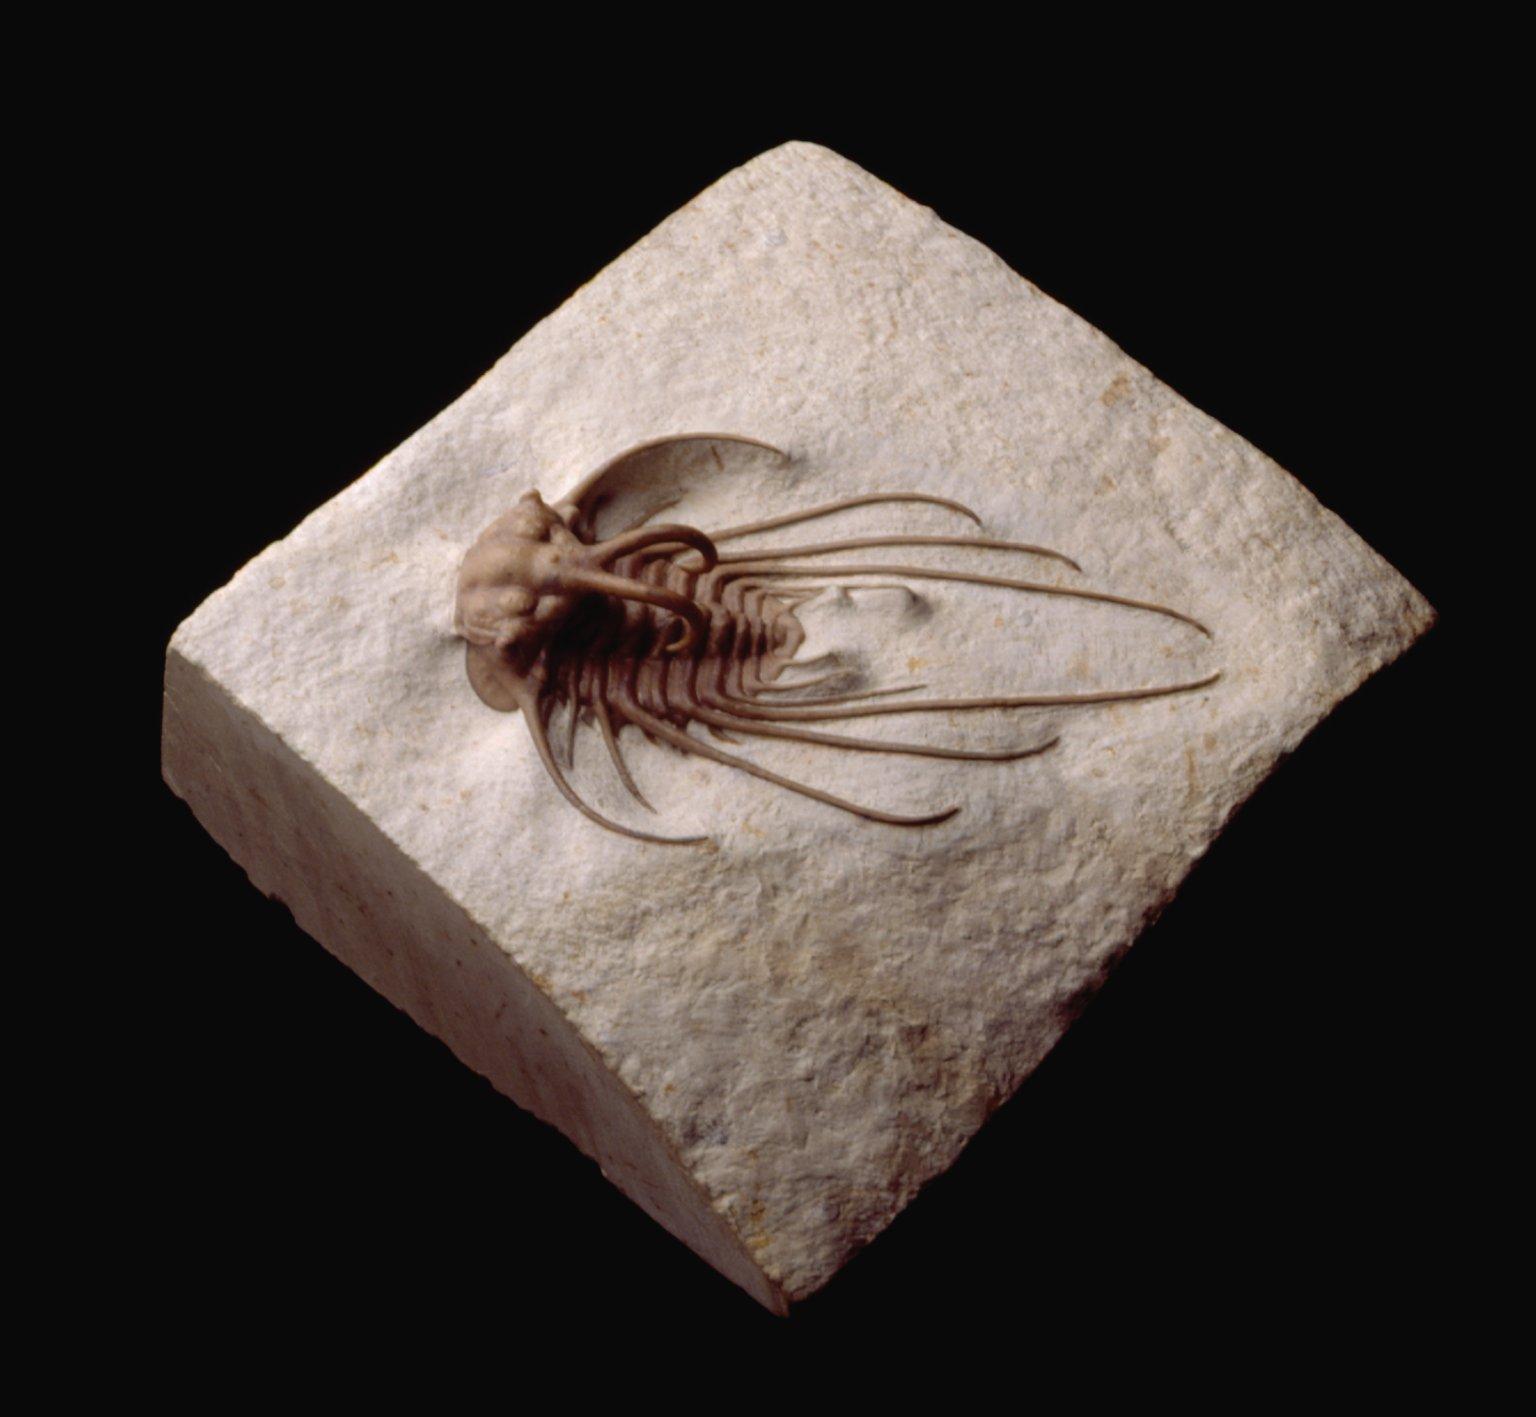 Spiny trilobite